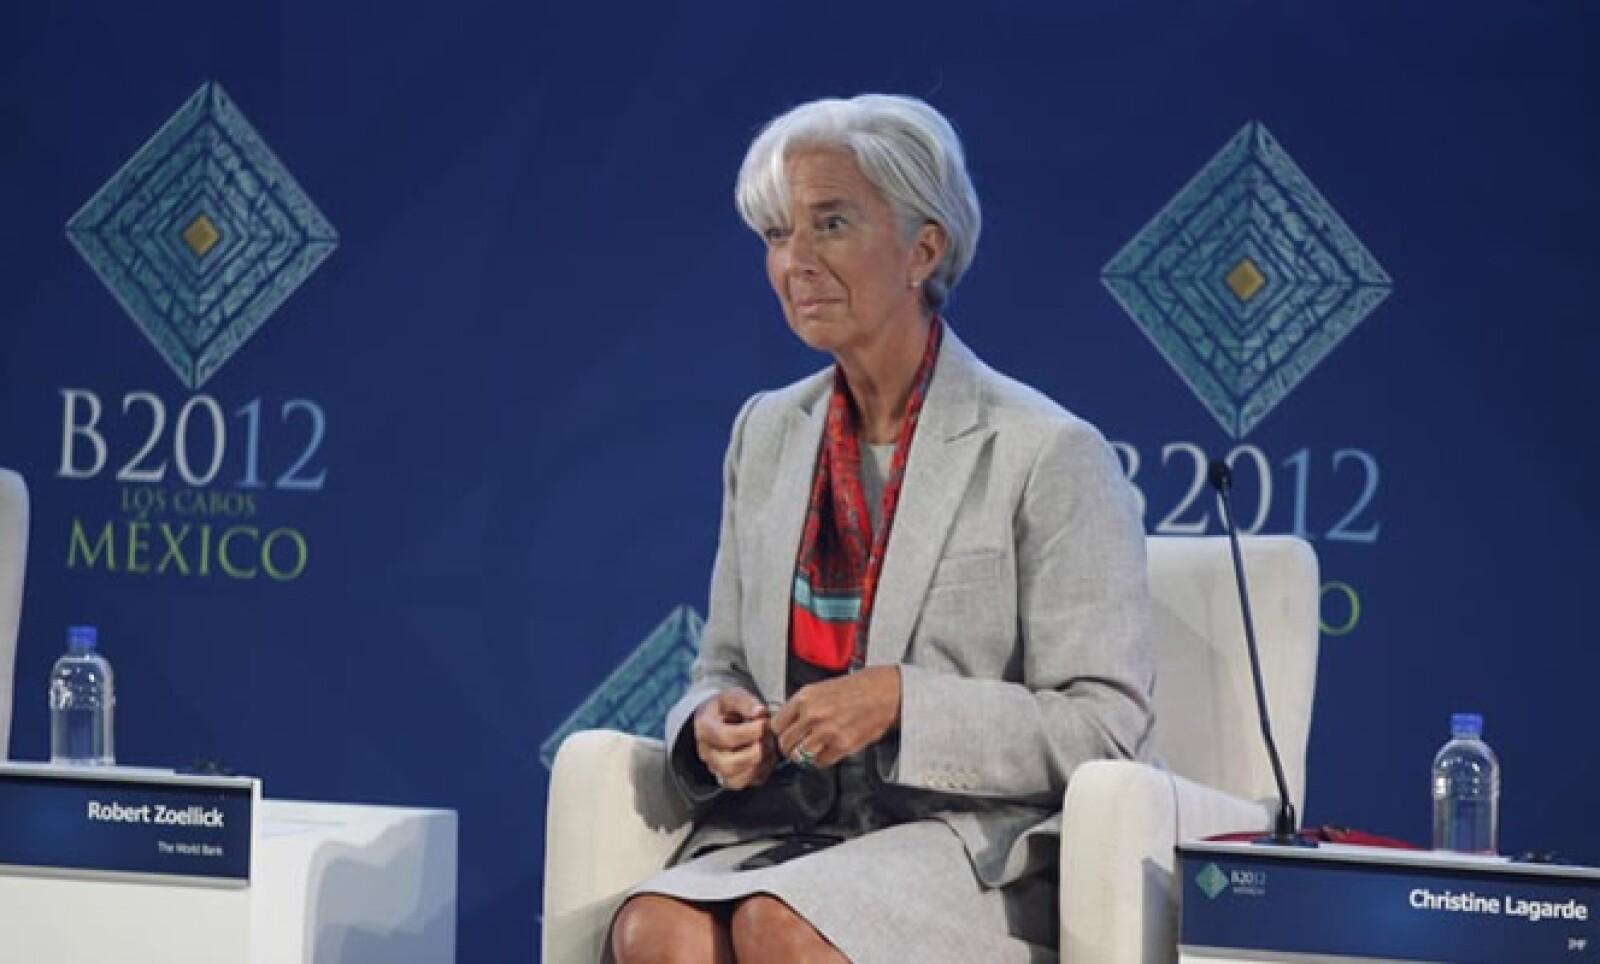 La directora gerente del FMI, Christine Lagarde, se mostró a favor de que las naciones emergentes tengan una mejor representación a través de un cambio de cuotas en el Fondo para que el organismo mejore su capacidad de acción.